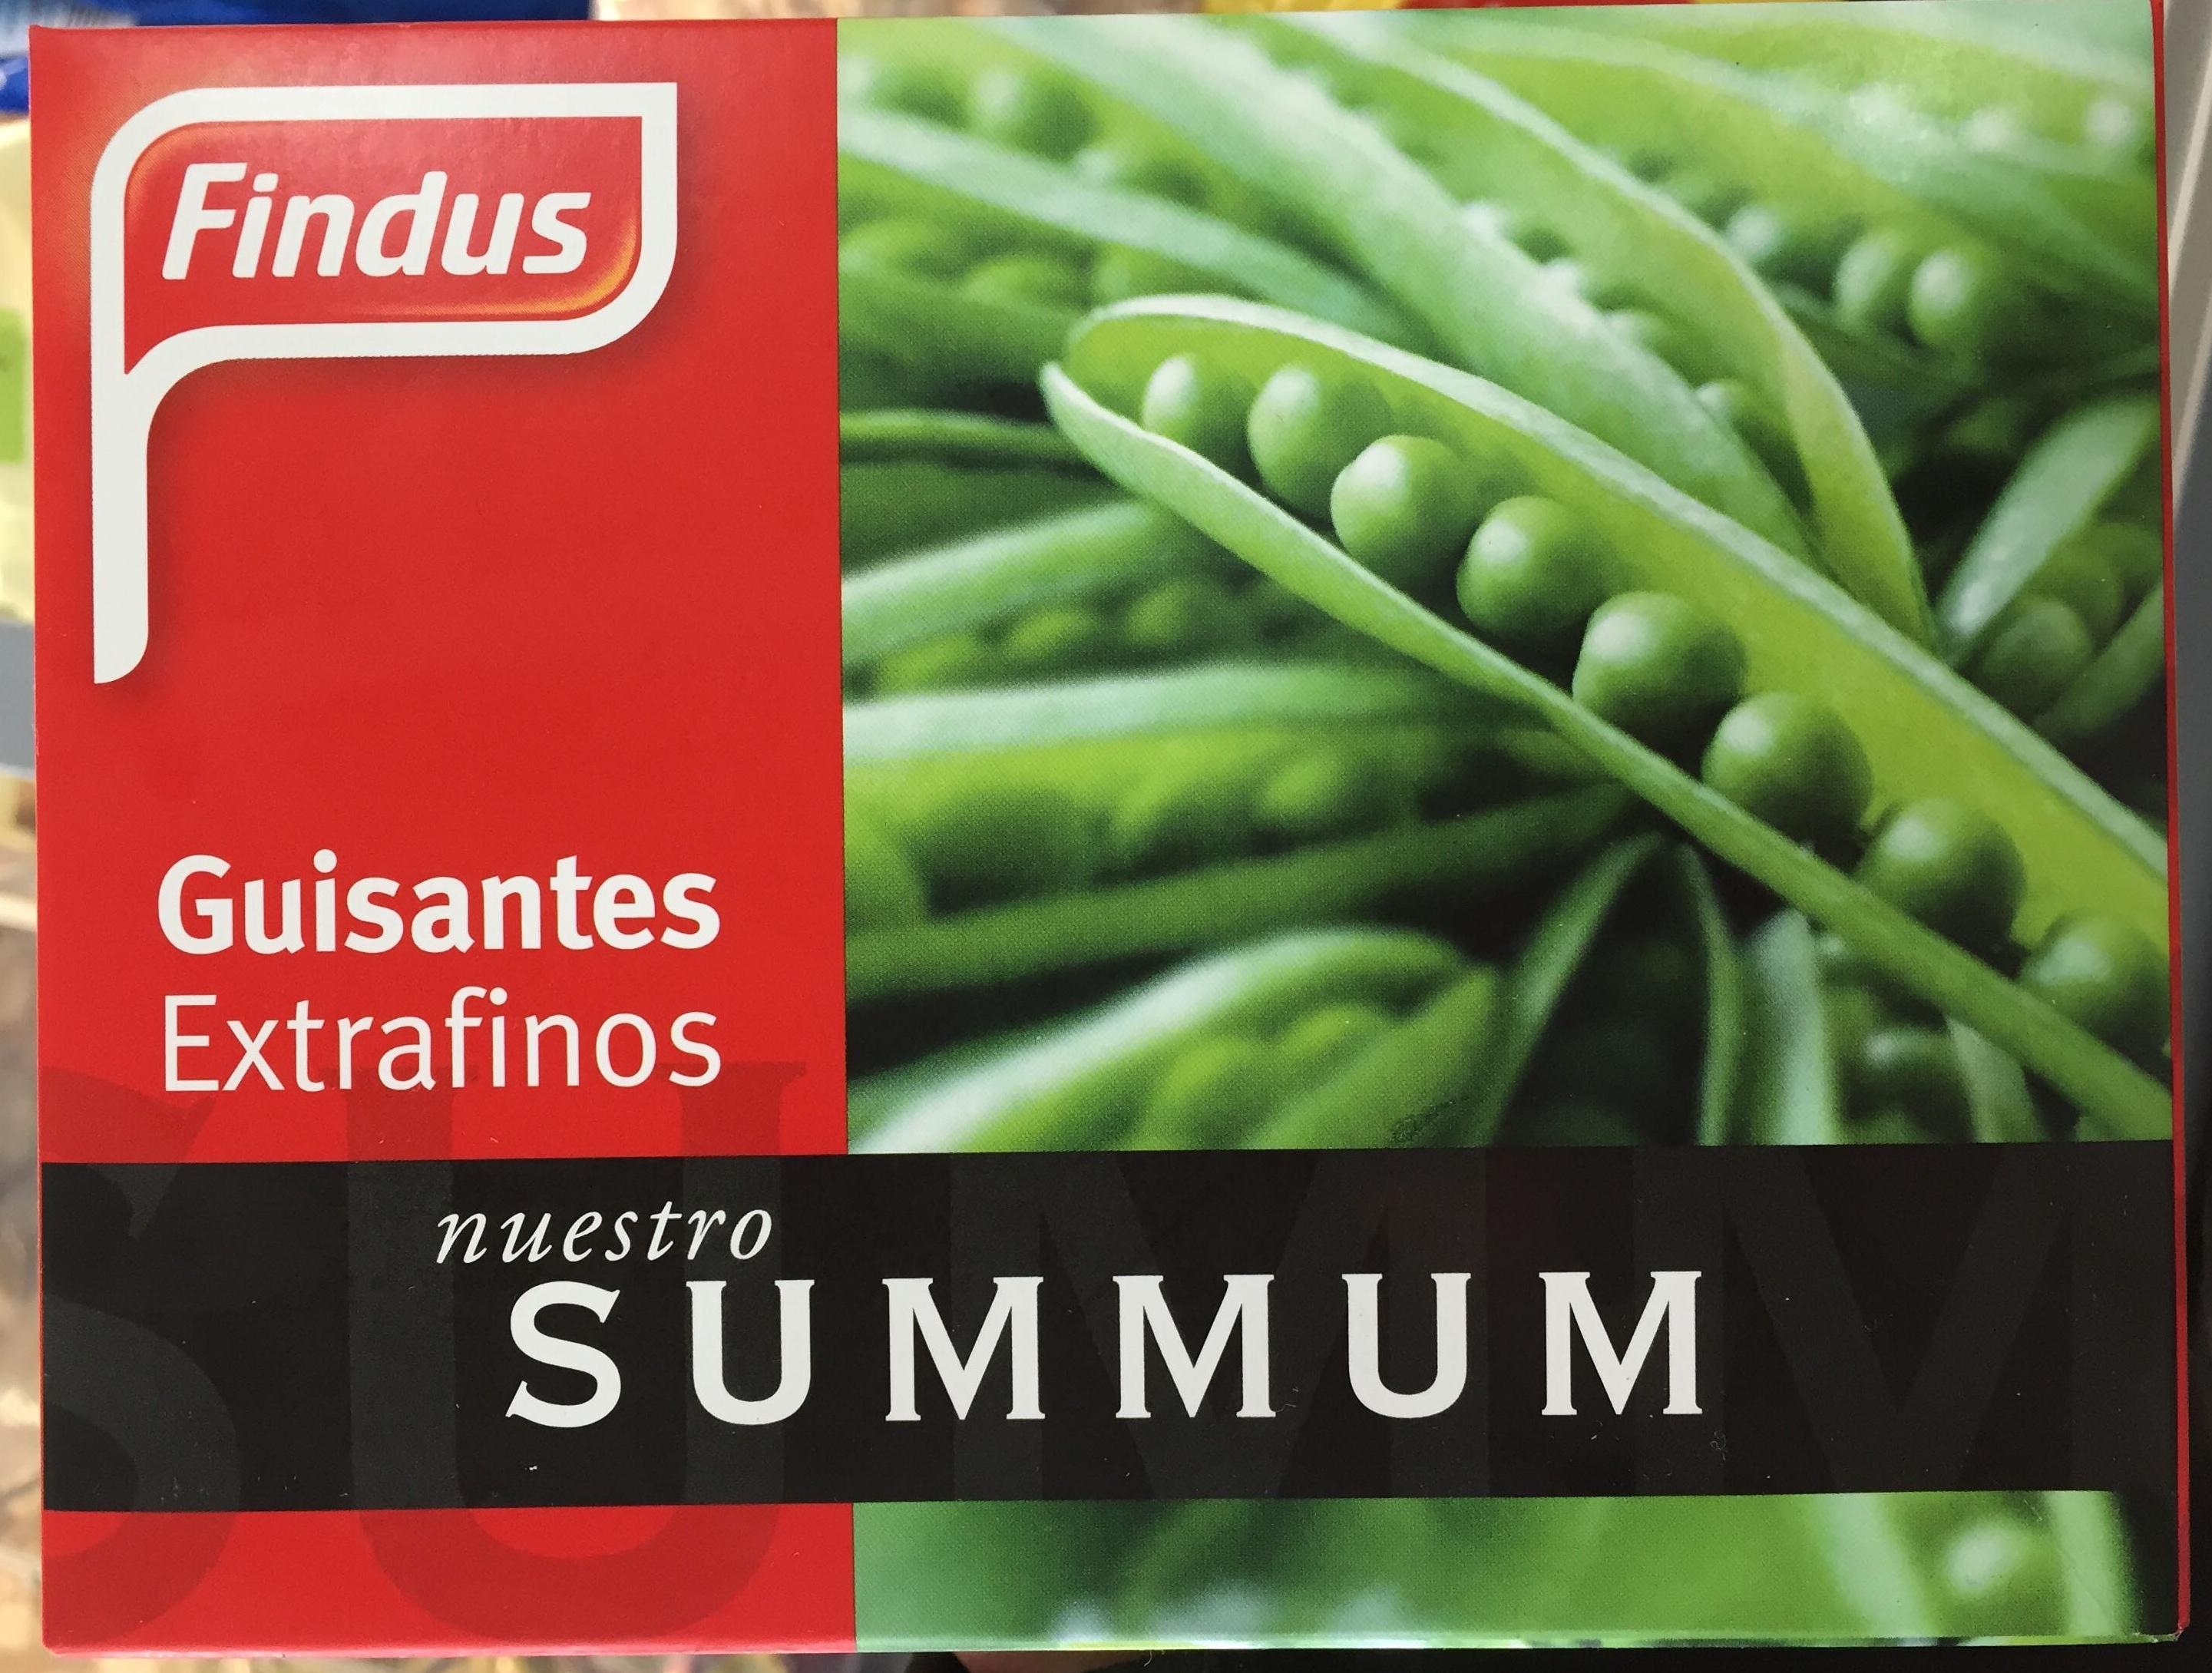 Guisantes extrafinos - Producto - fr